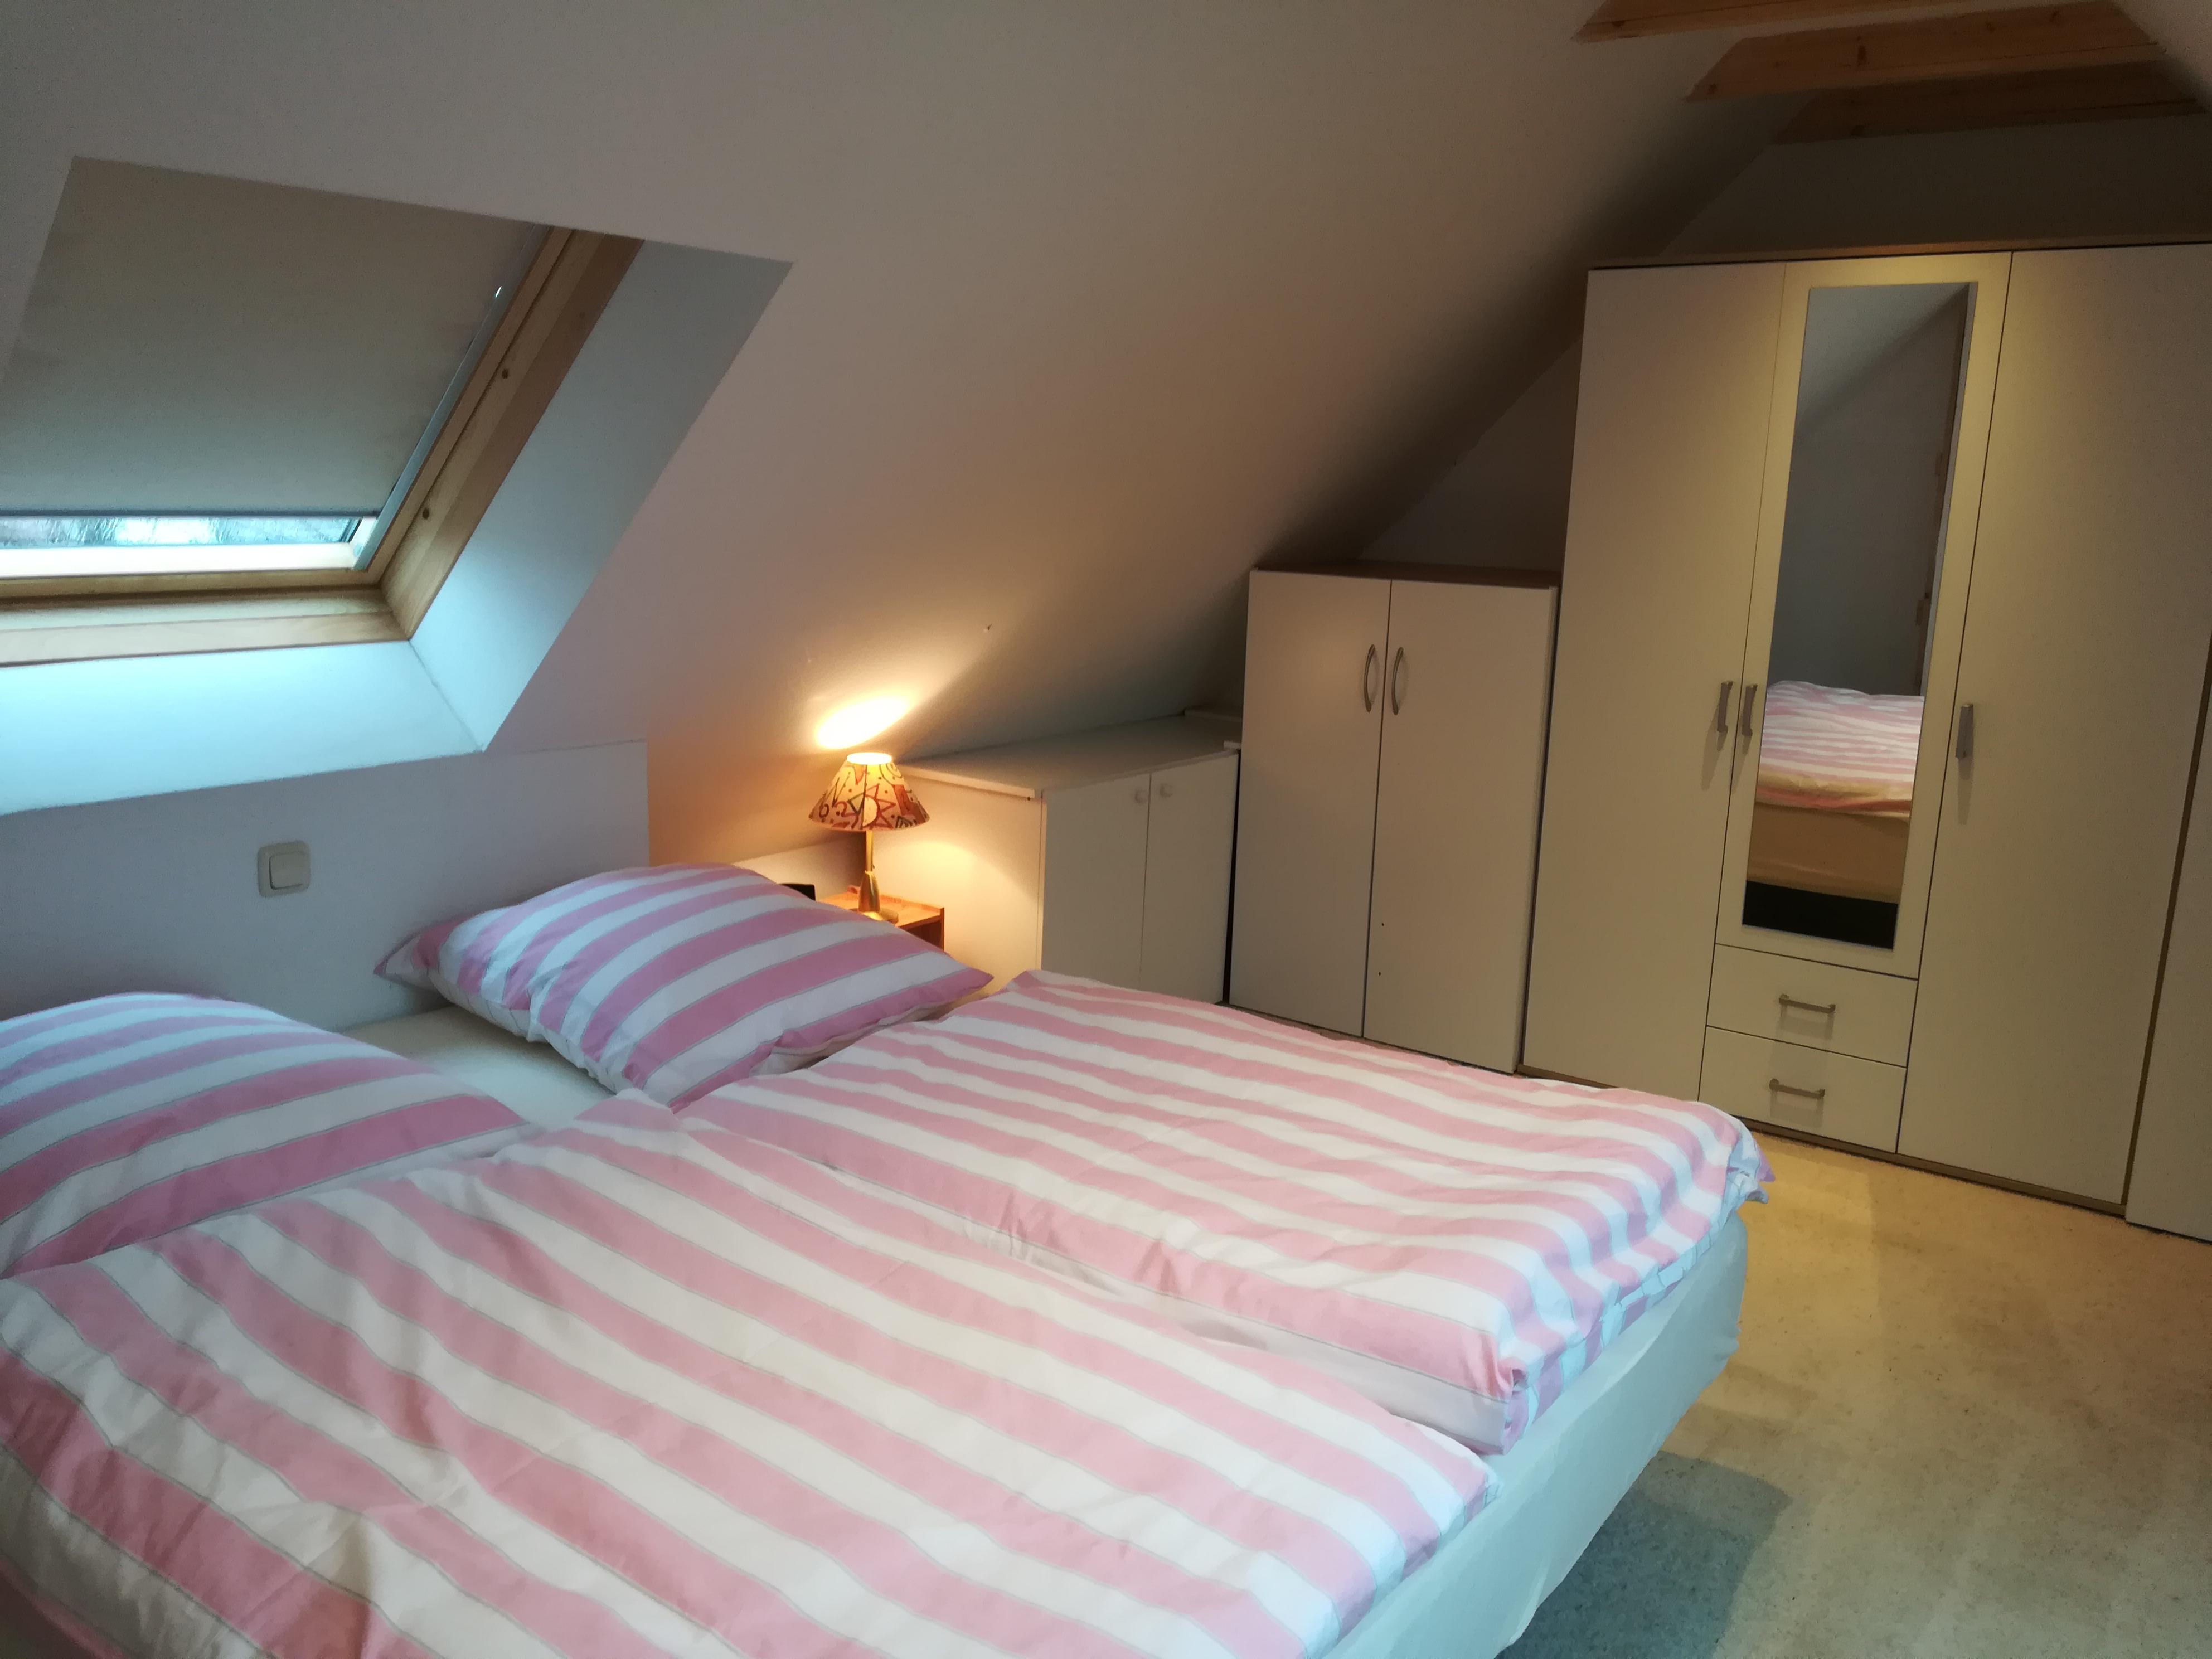 Ferienhaus Sonnenschein in Goslar - Schlafzimmer